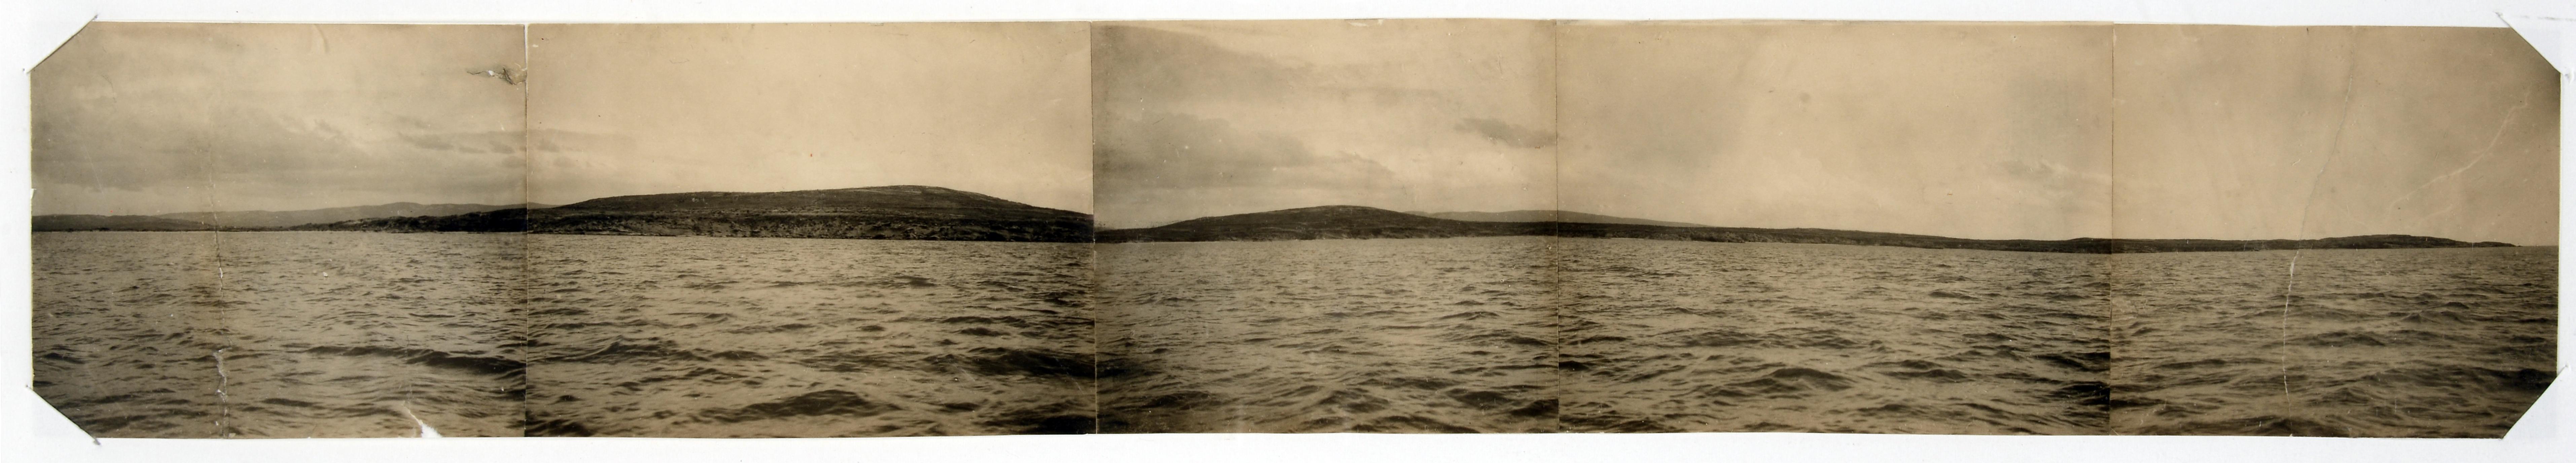 Coast of Gallipoli